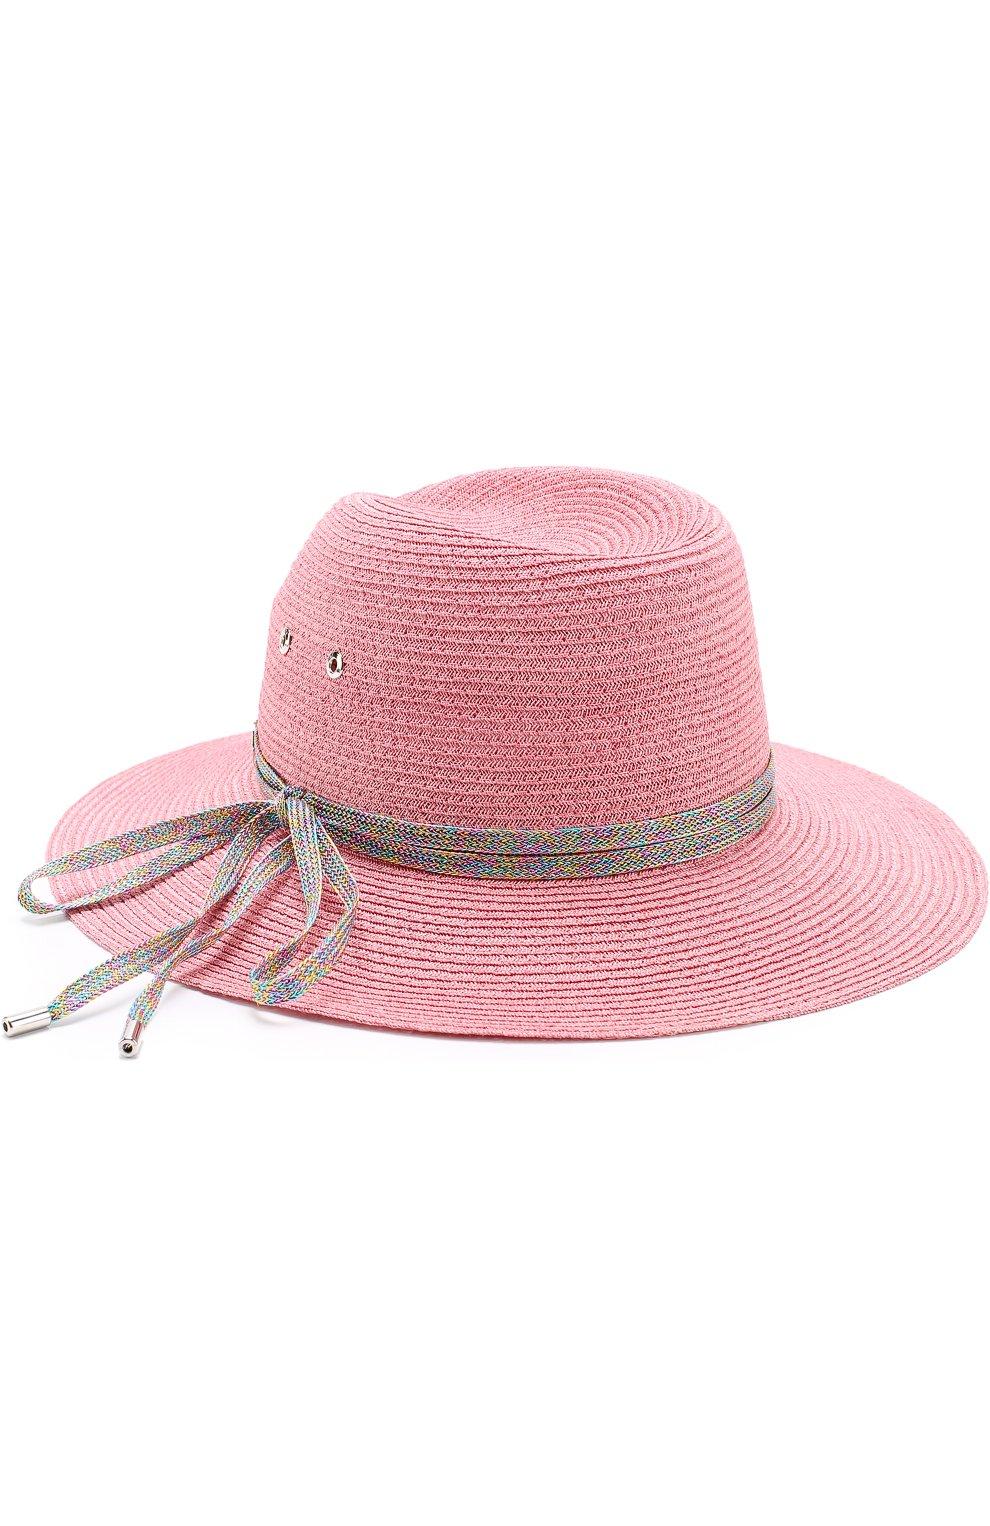 Шляпа Virginie с декоративной лентой Maison Michel розового цвета | Фото №2